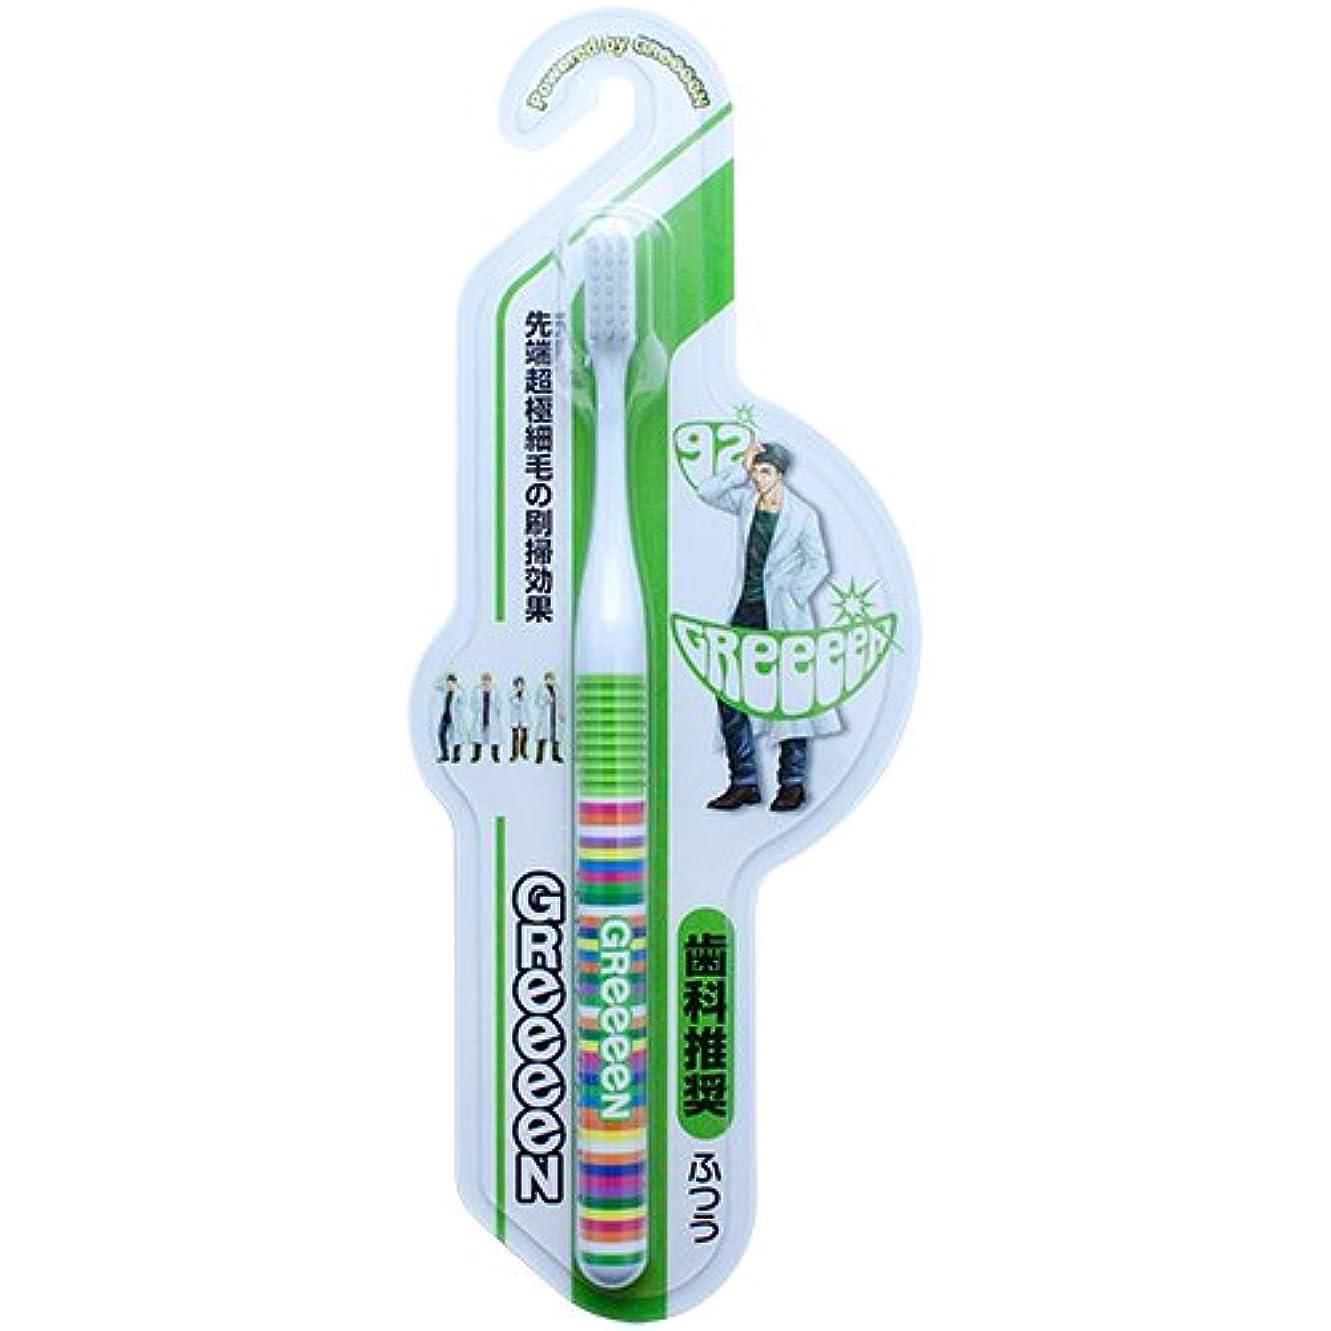 みがきます弾性森GReeeeN 3列ヘッドラバーグリップ超極細毛歯ブラシ SIRO 92 1本